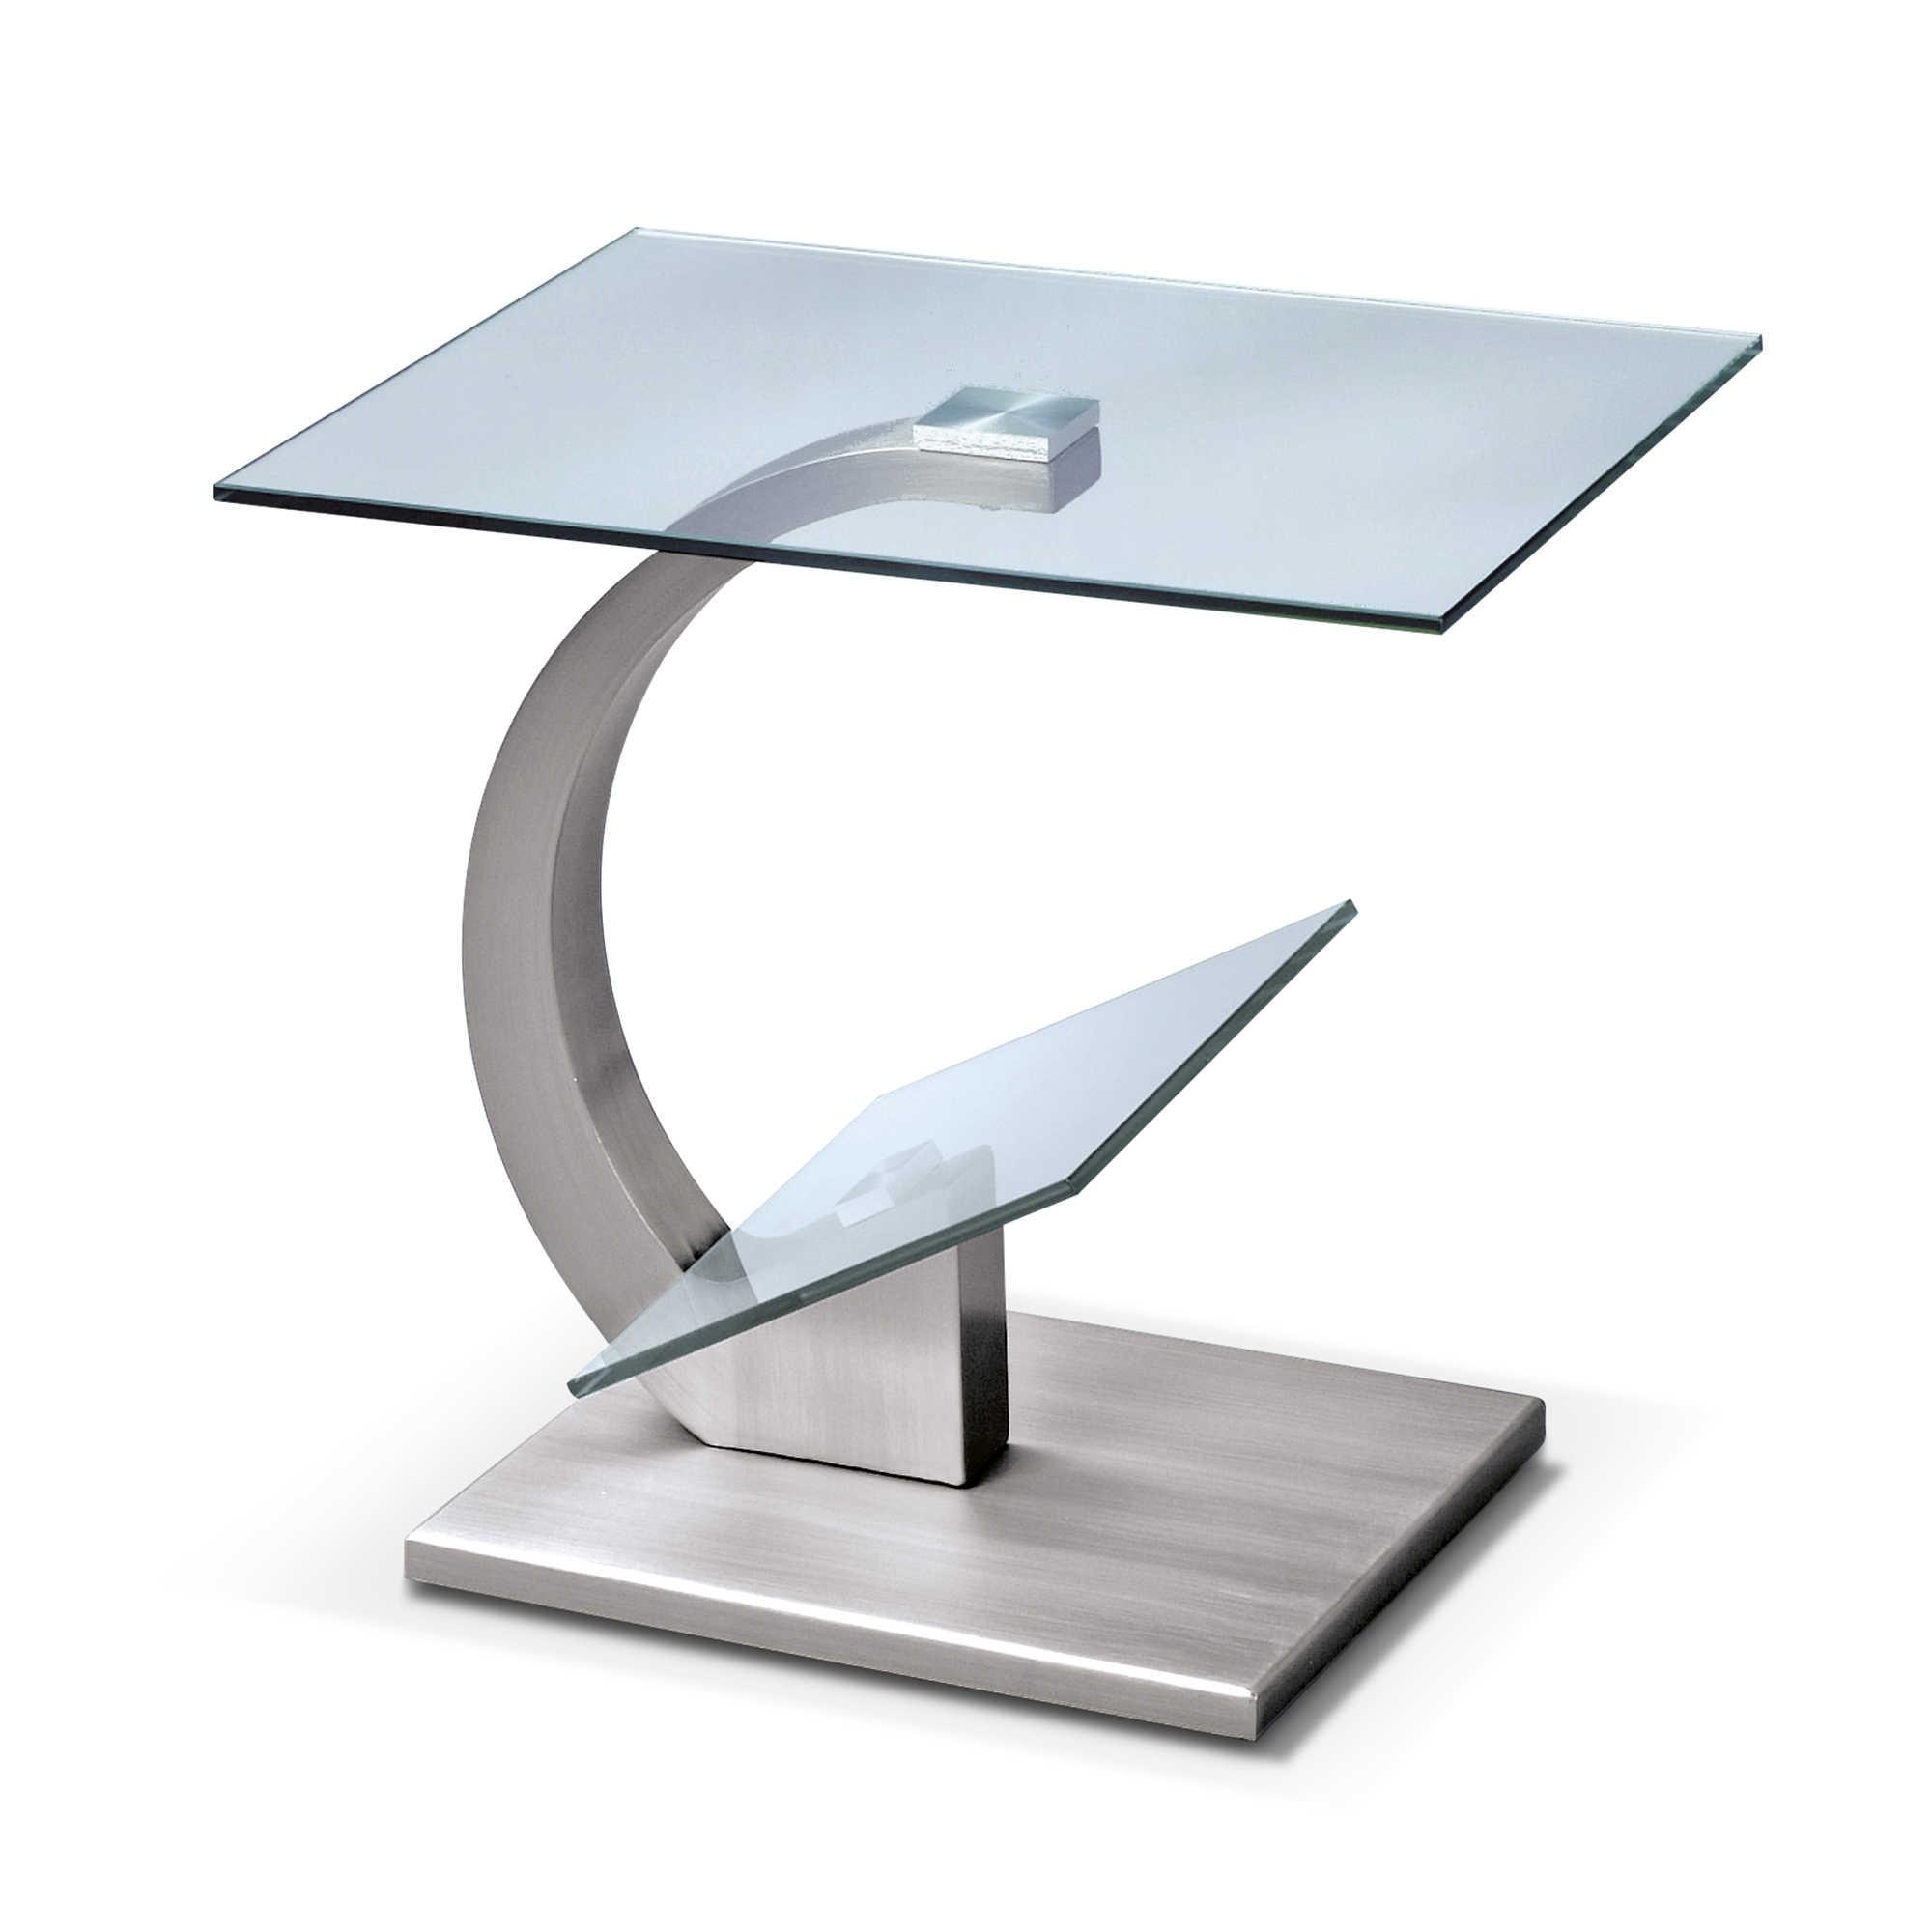 beistelltisch divina silber alu eisen stahl. Black Bedroom Furniture Sets. Home Design Ideas